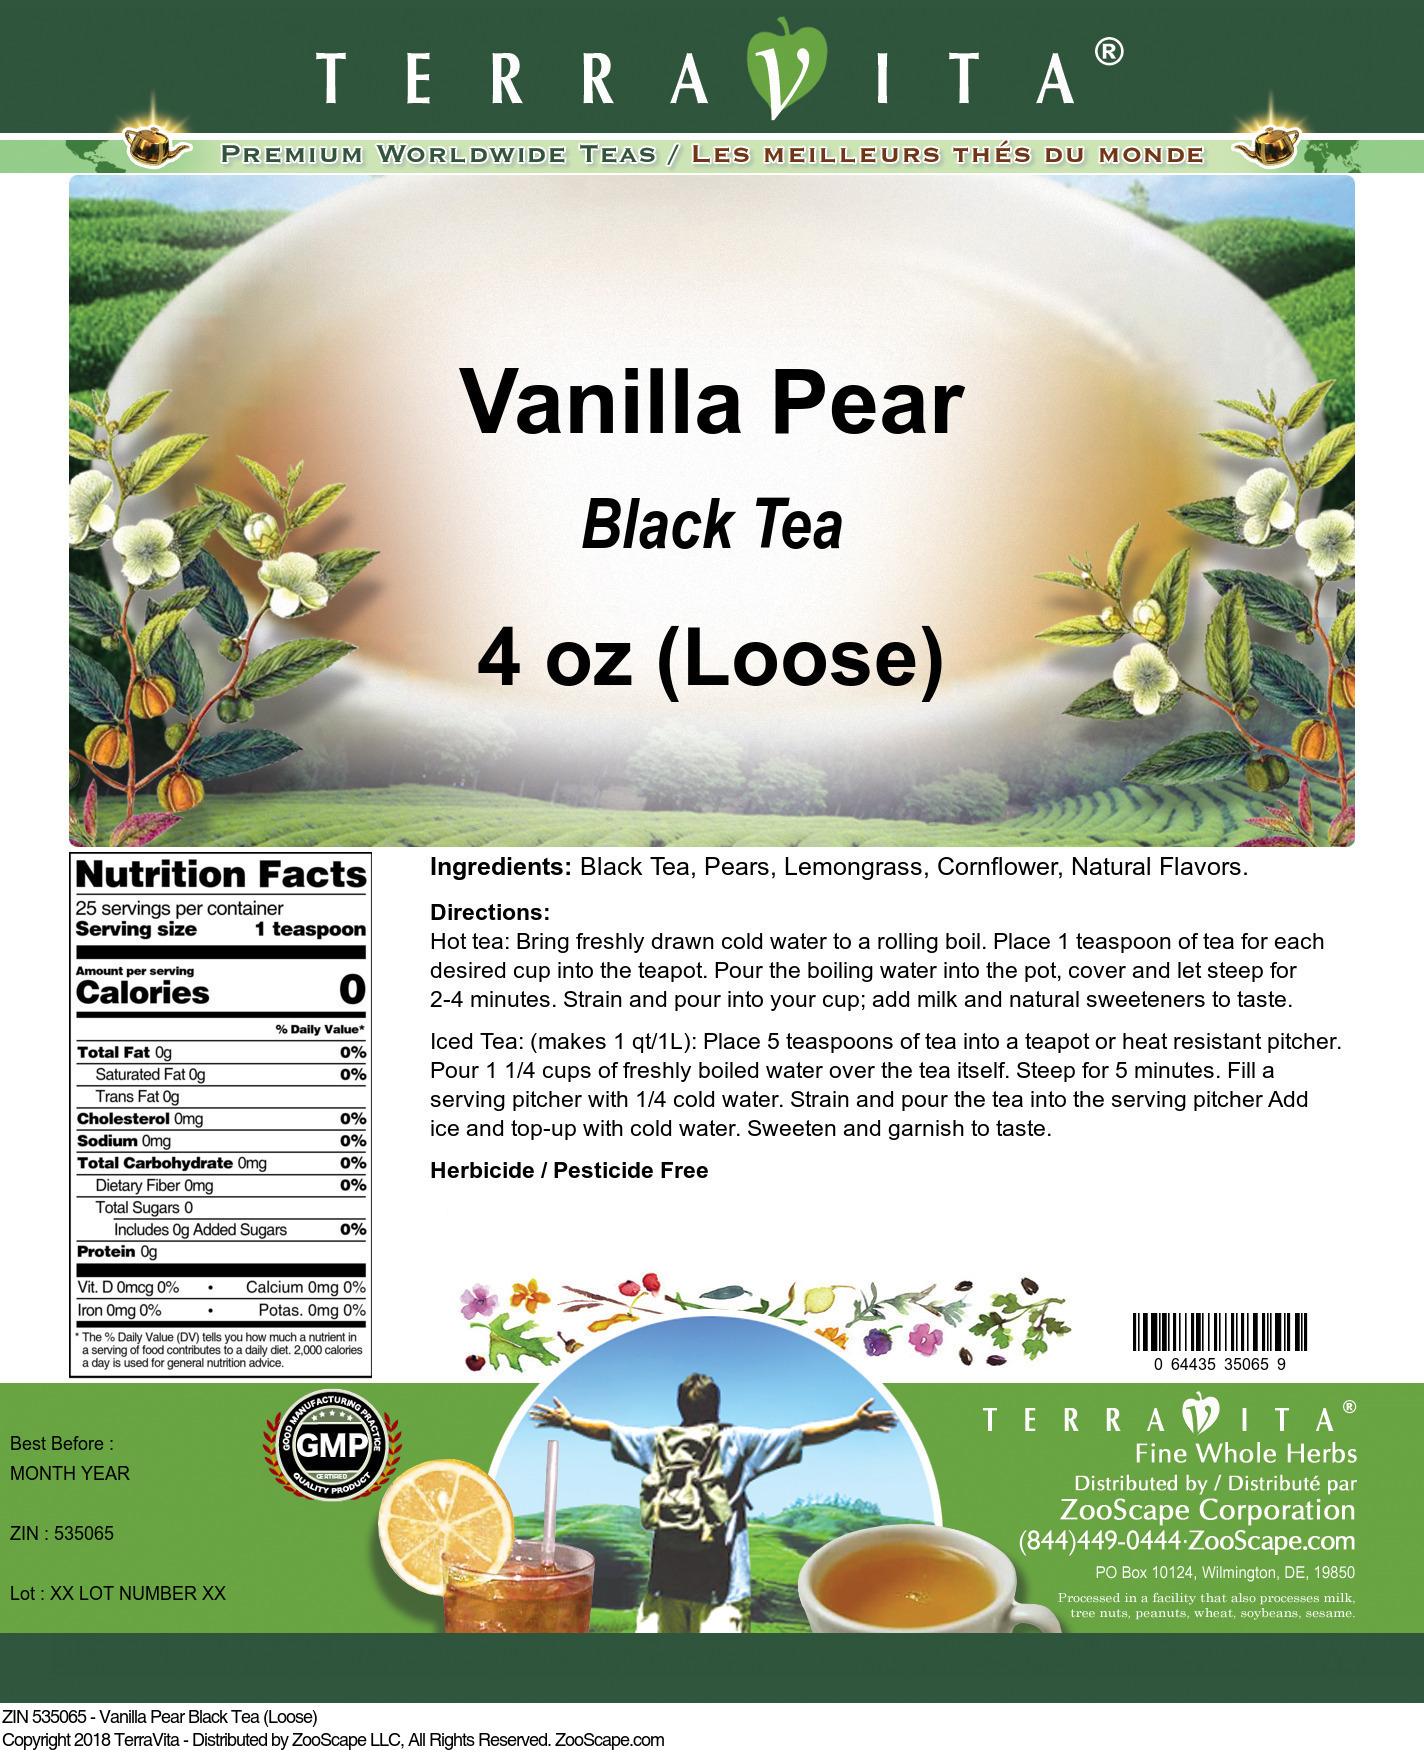 Vanilla Pear Black Tea